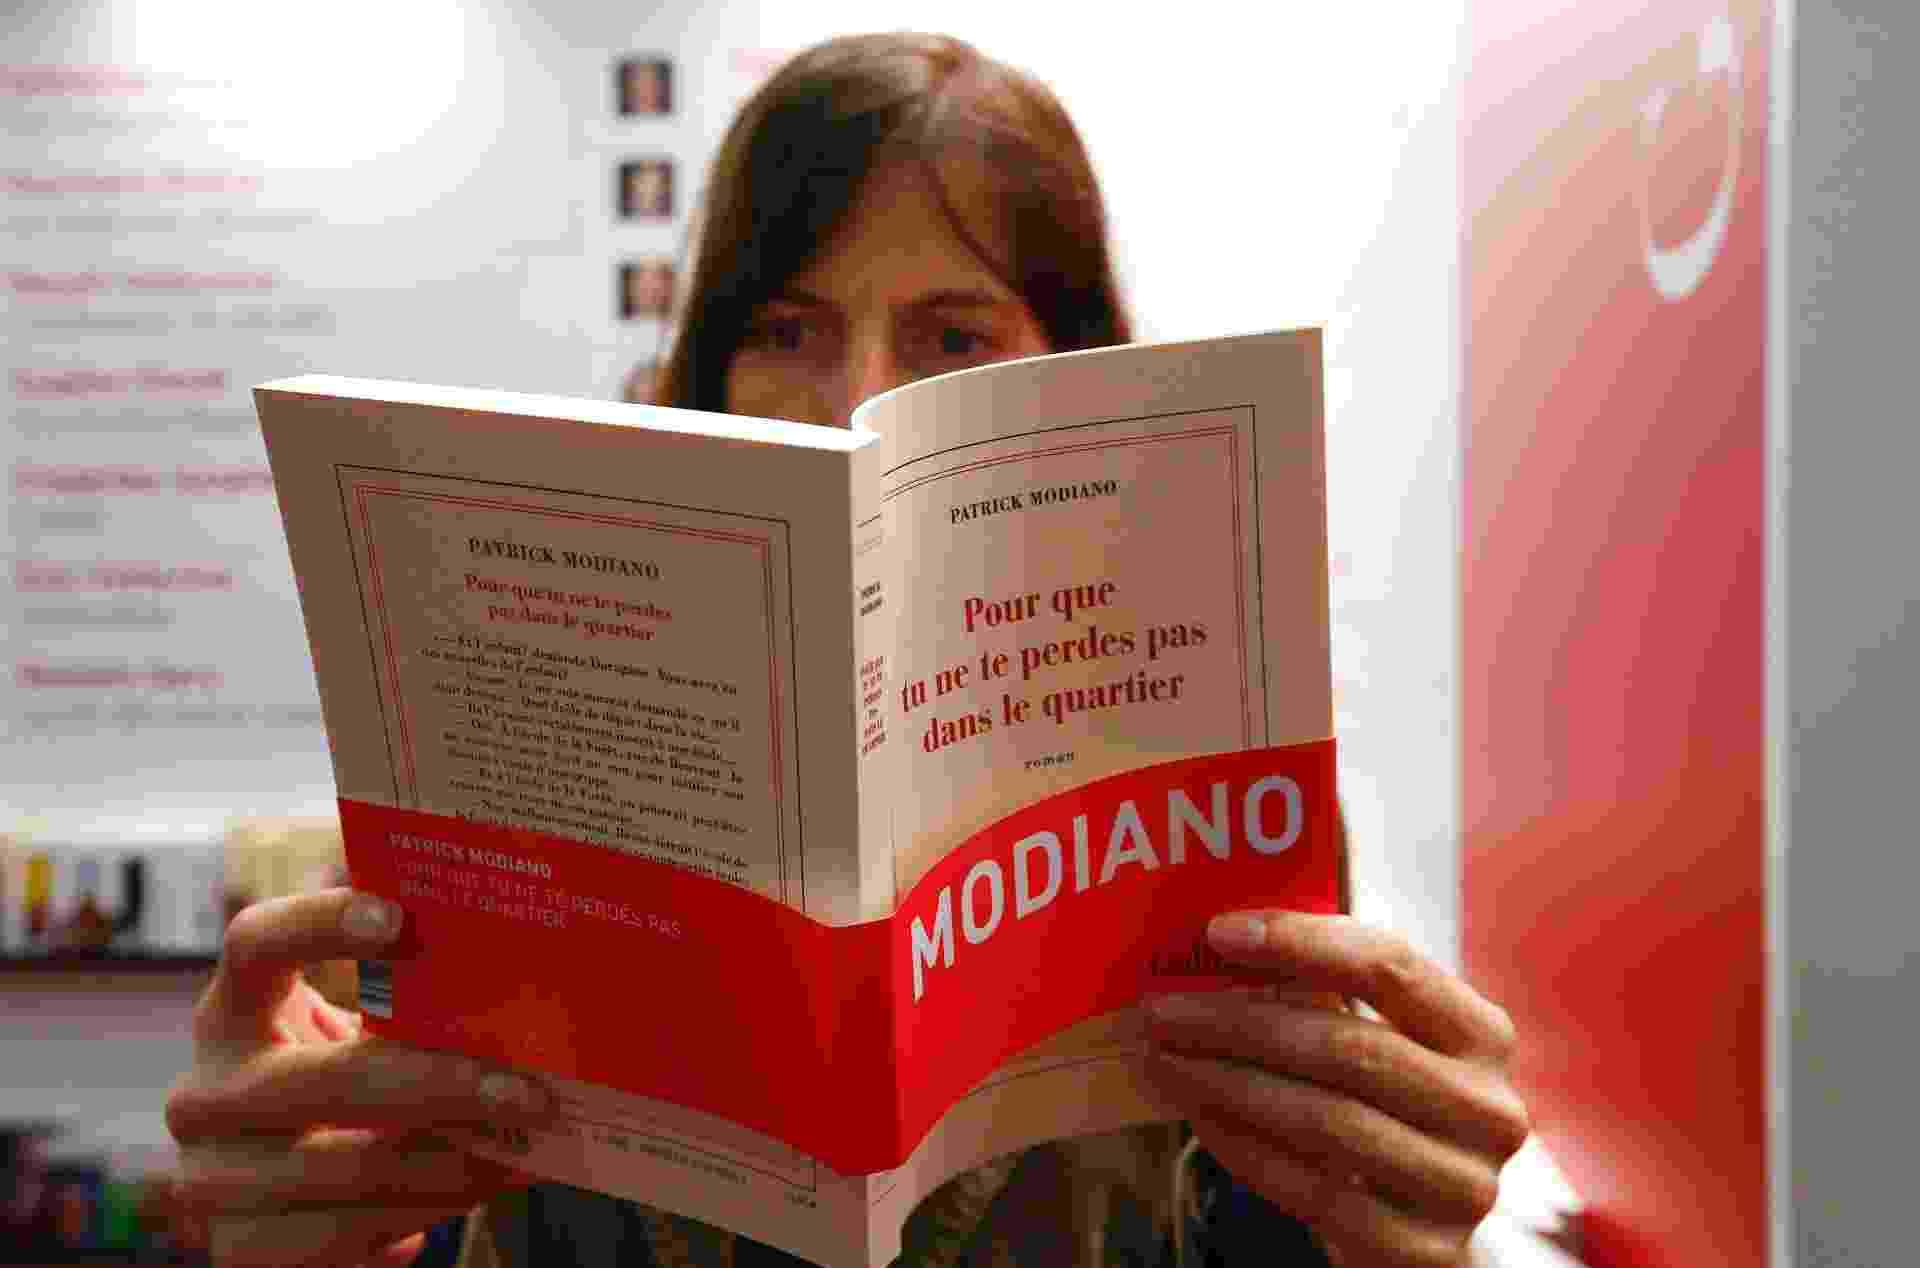 9.out.2014 - Mulher lê livro de Patrick Modiano durante a Feira de Frankfurt - Reuters